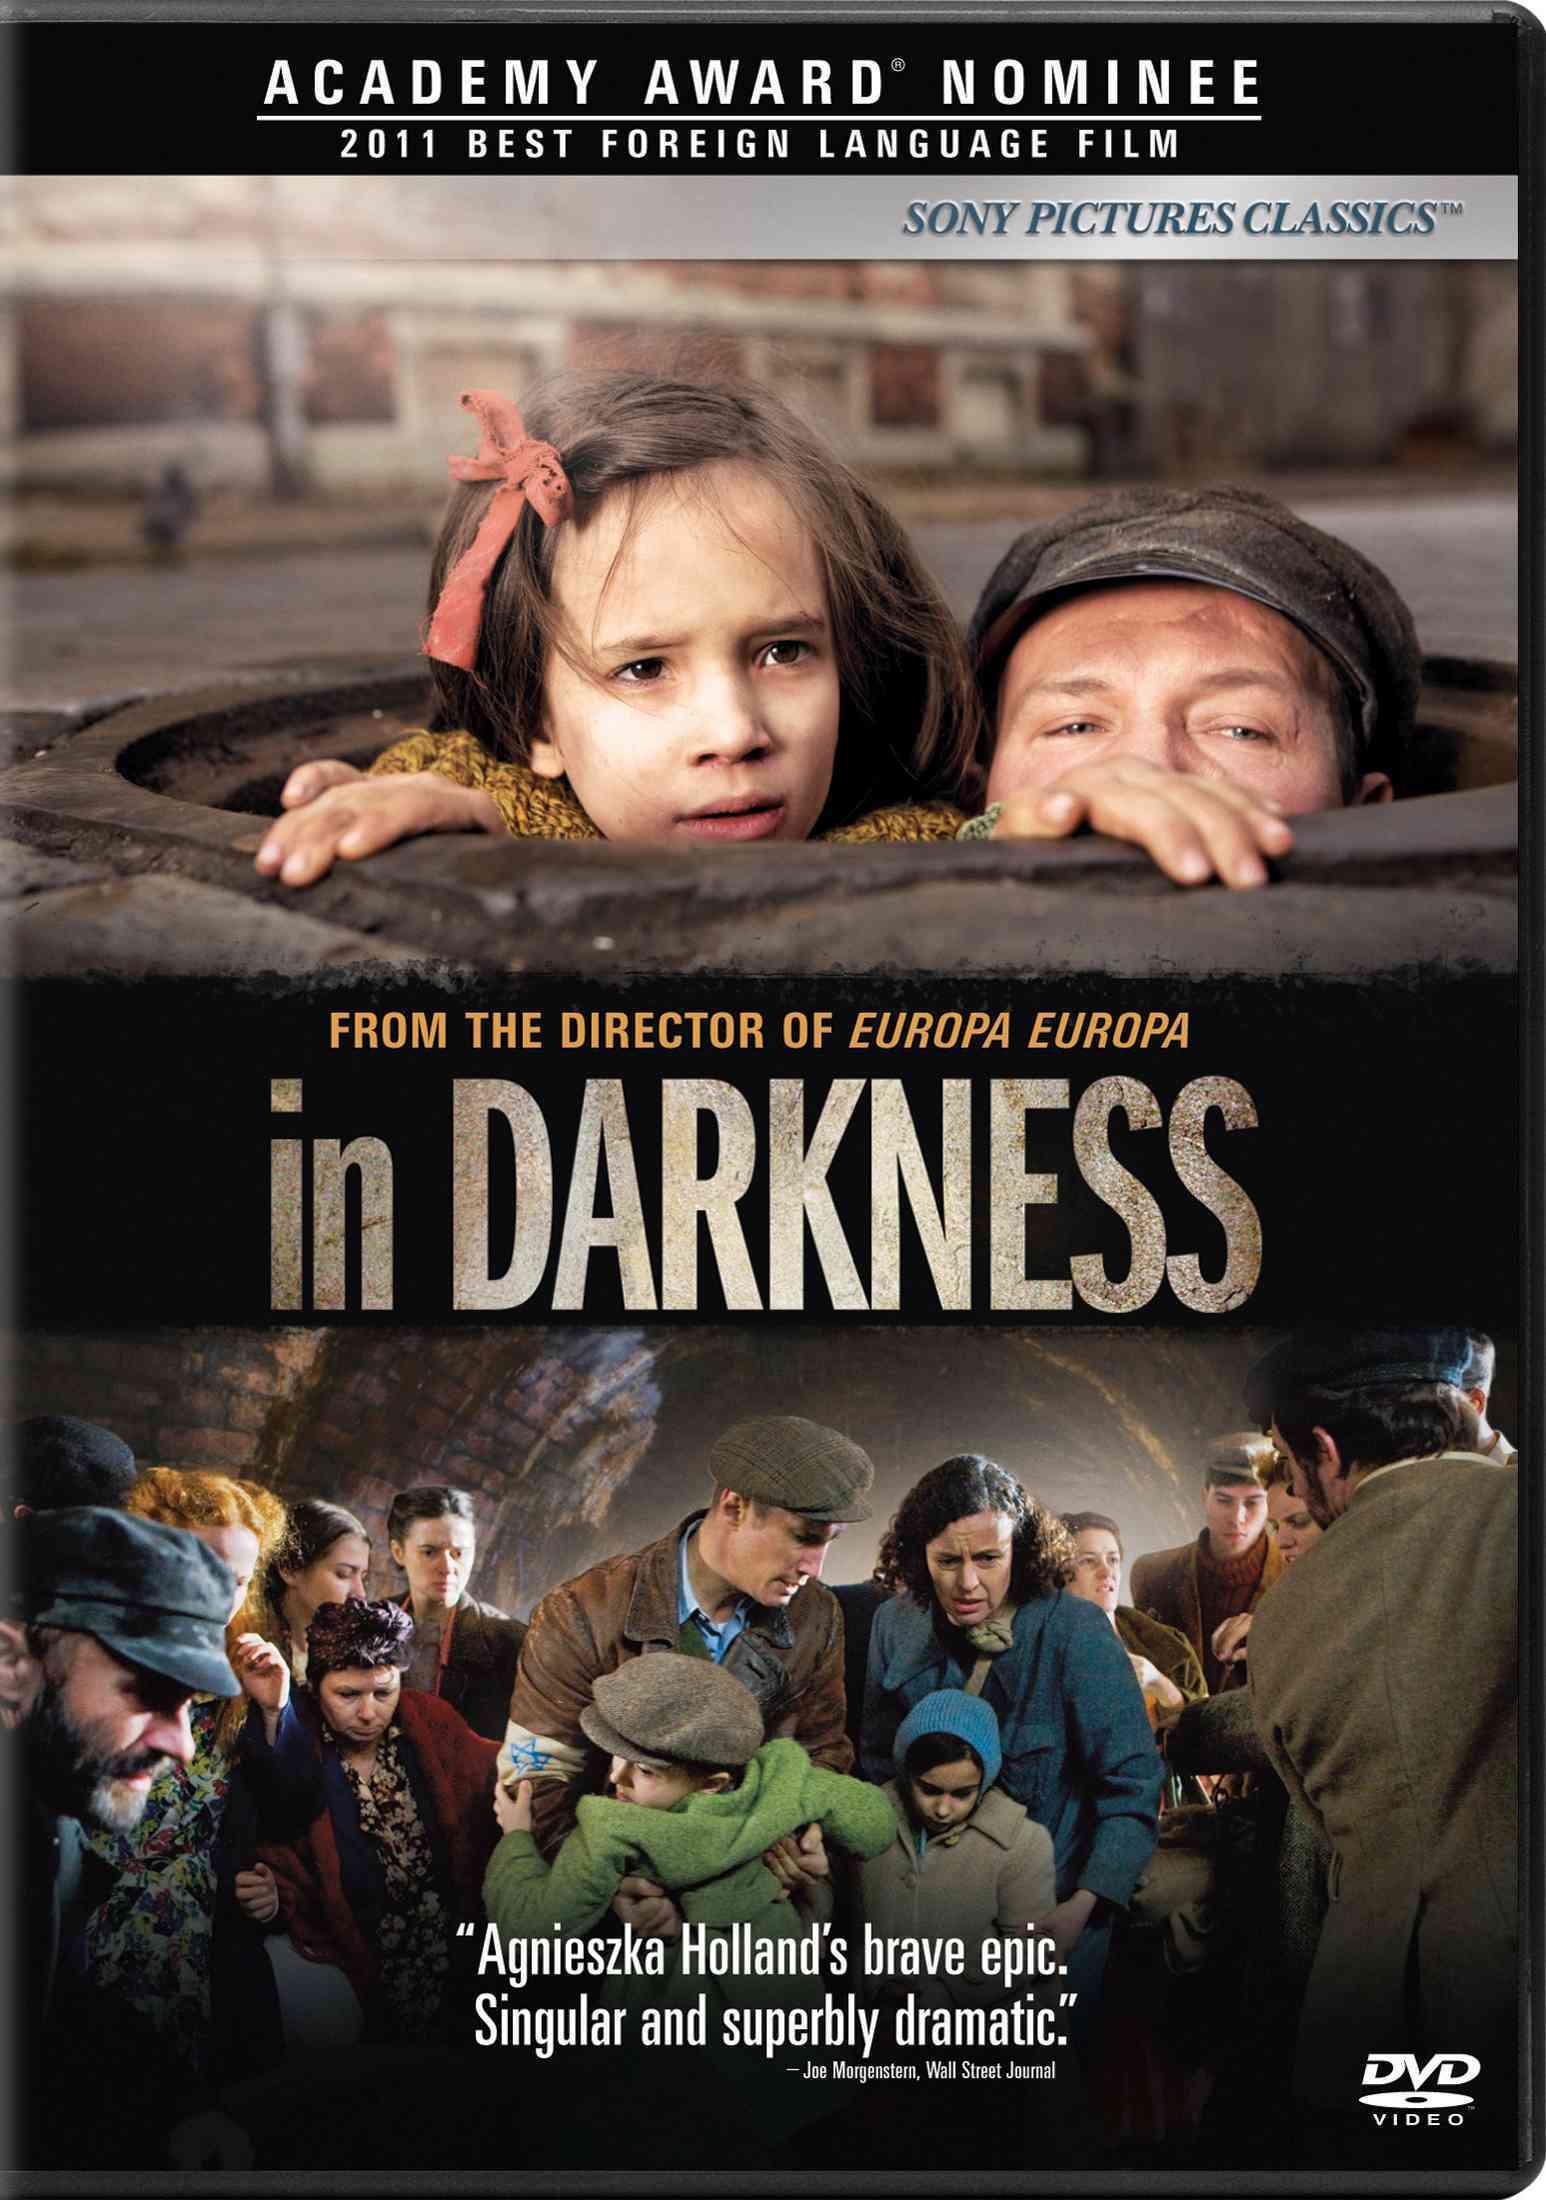 IN DARKNESS BY WIECKIEWICZ,ROBERT (DVD)